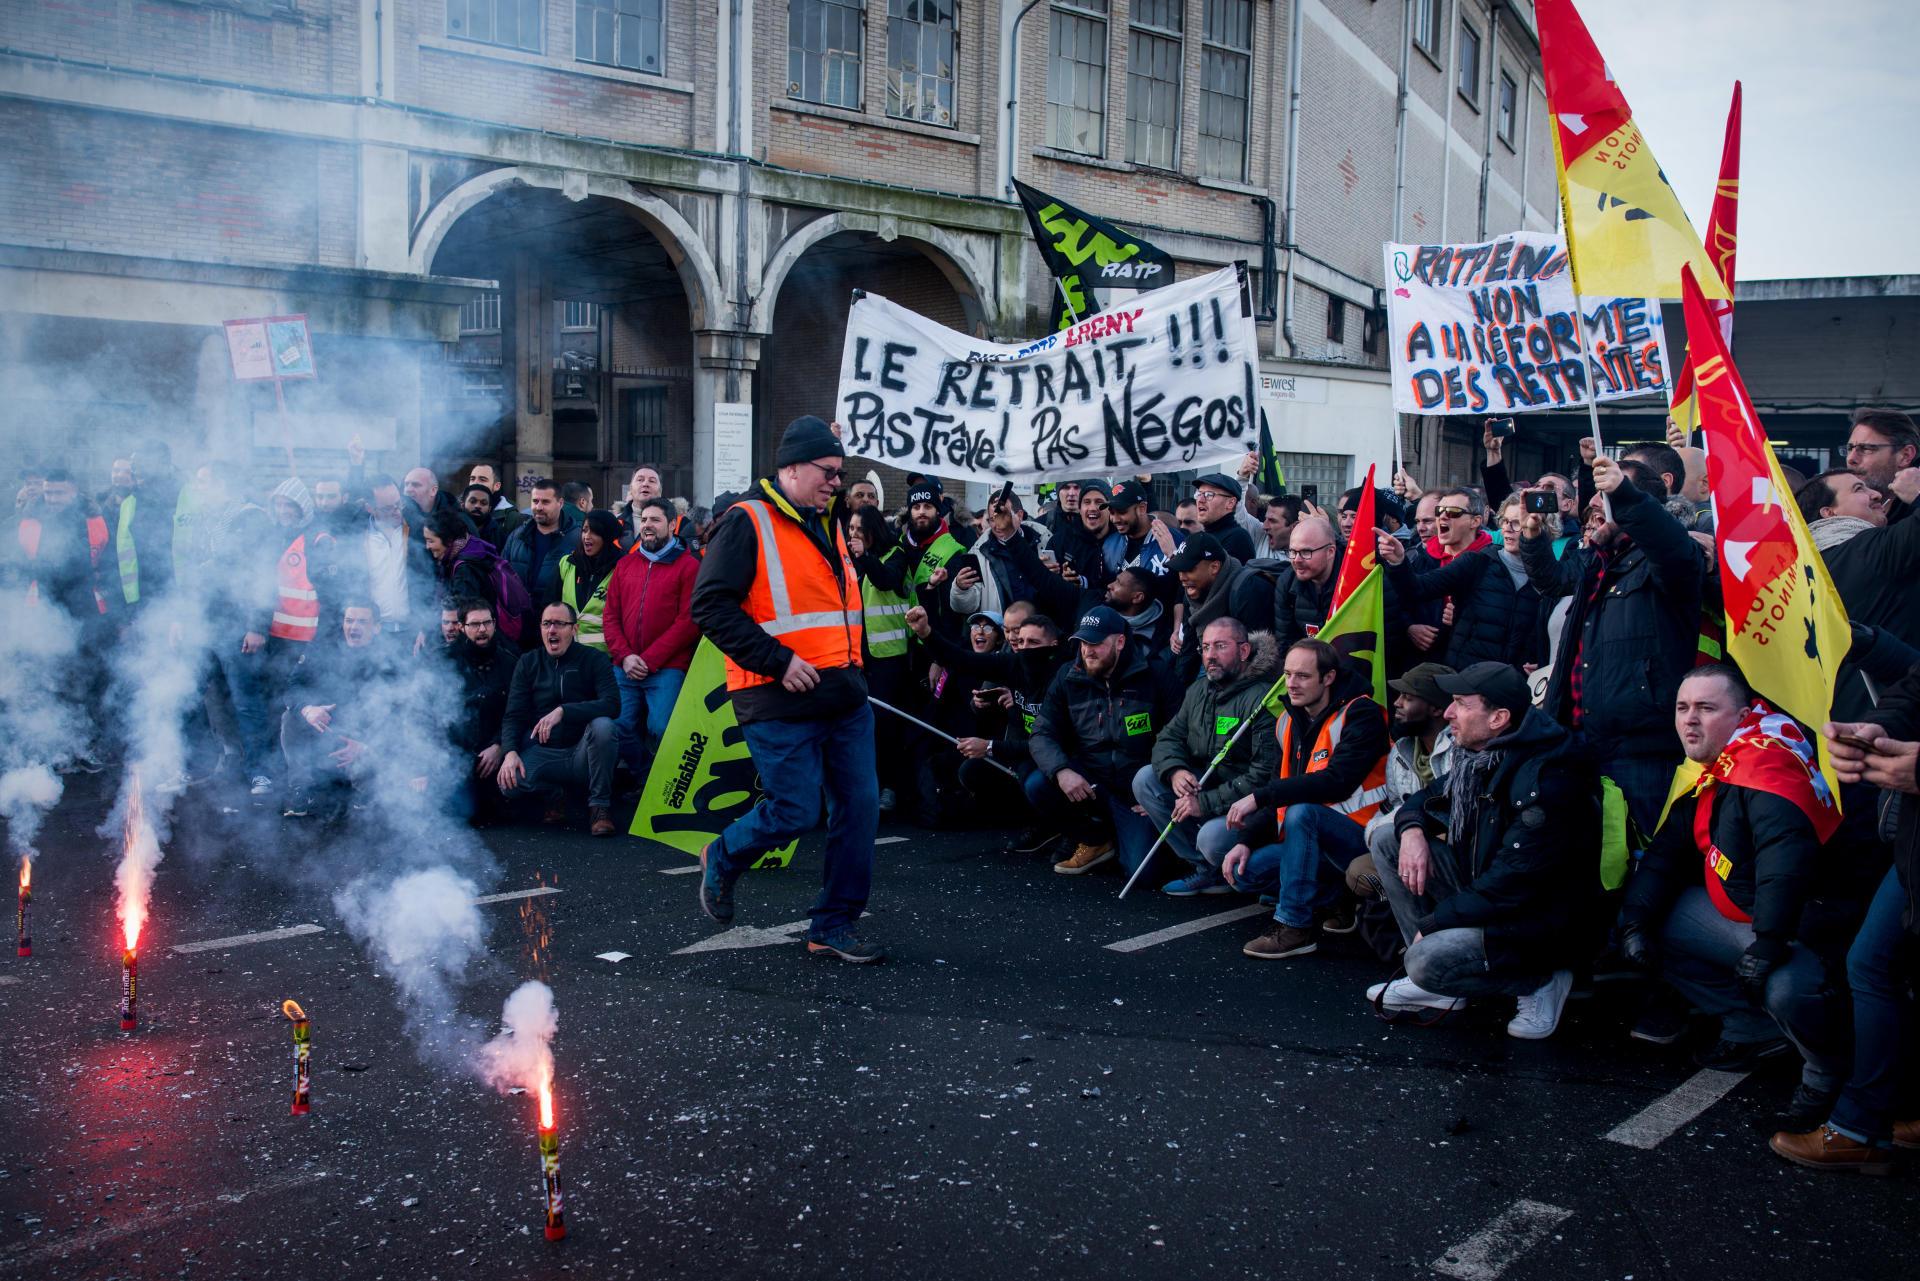 Assemblée générale à la Gare de Lyon avant la manifestation contre la réforme des retraites à Paris.